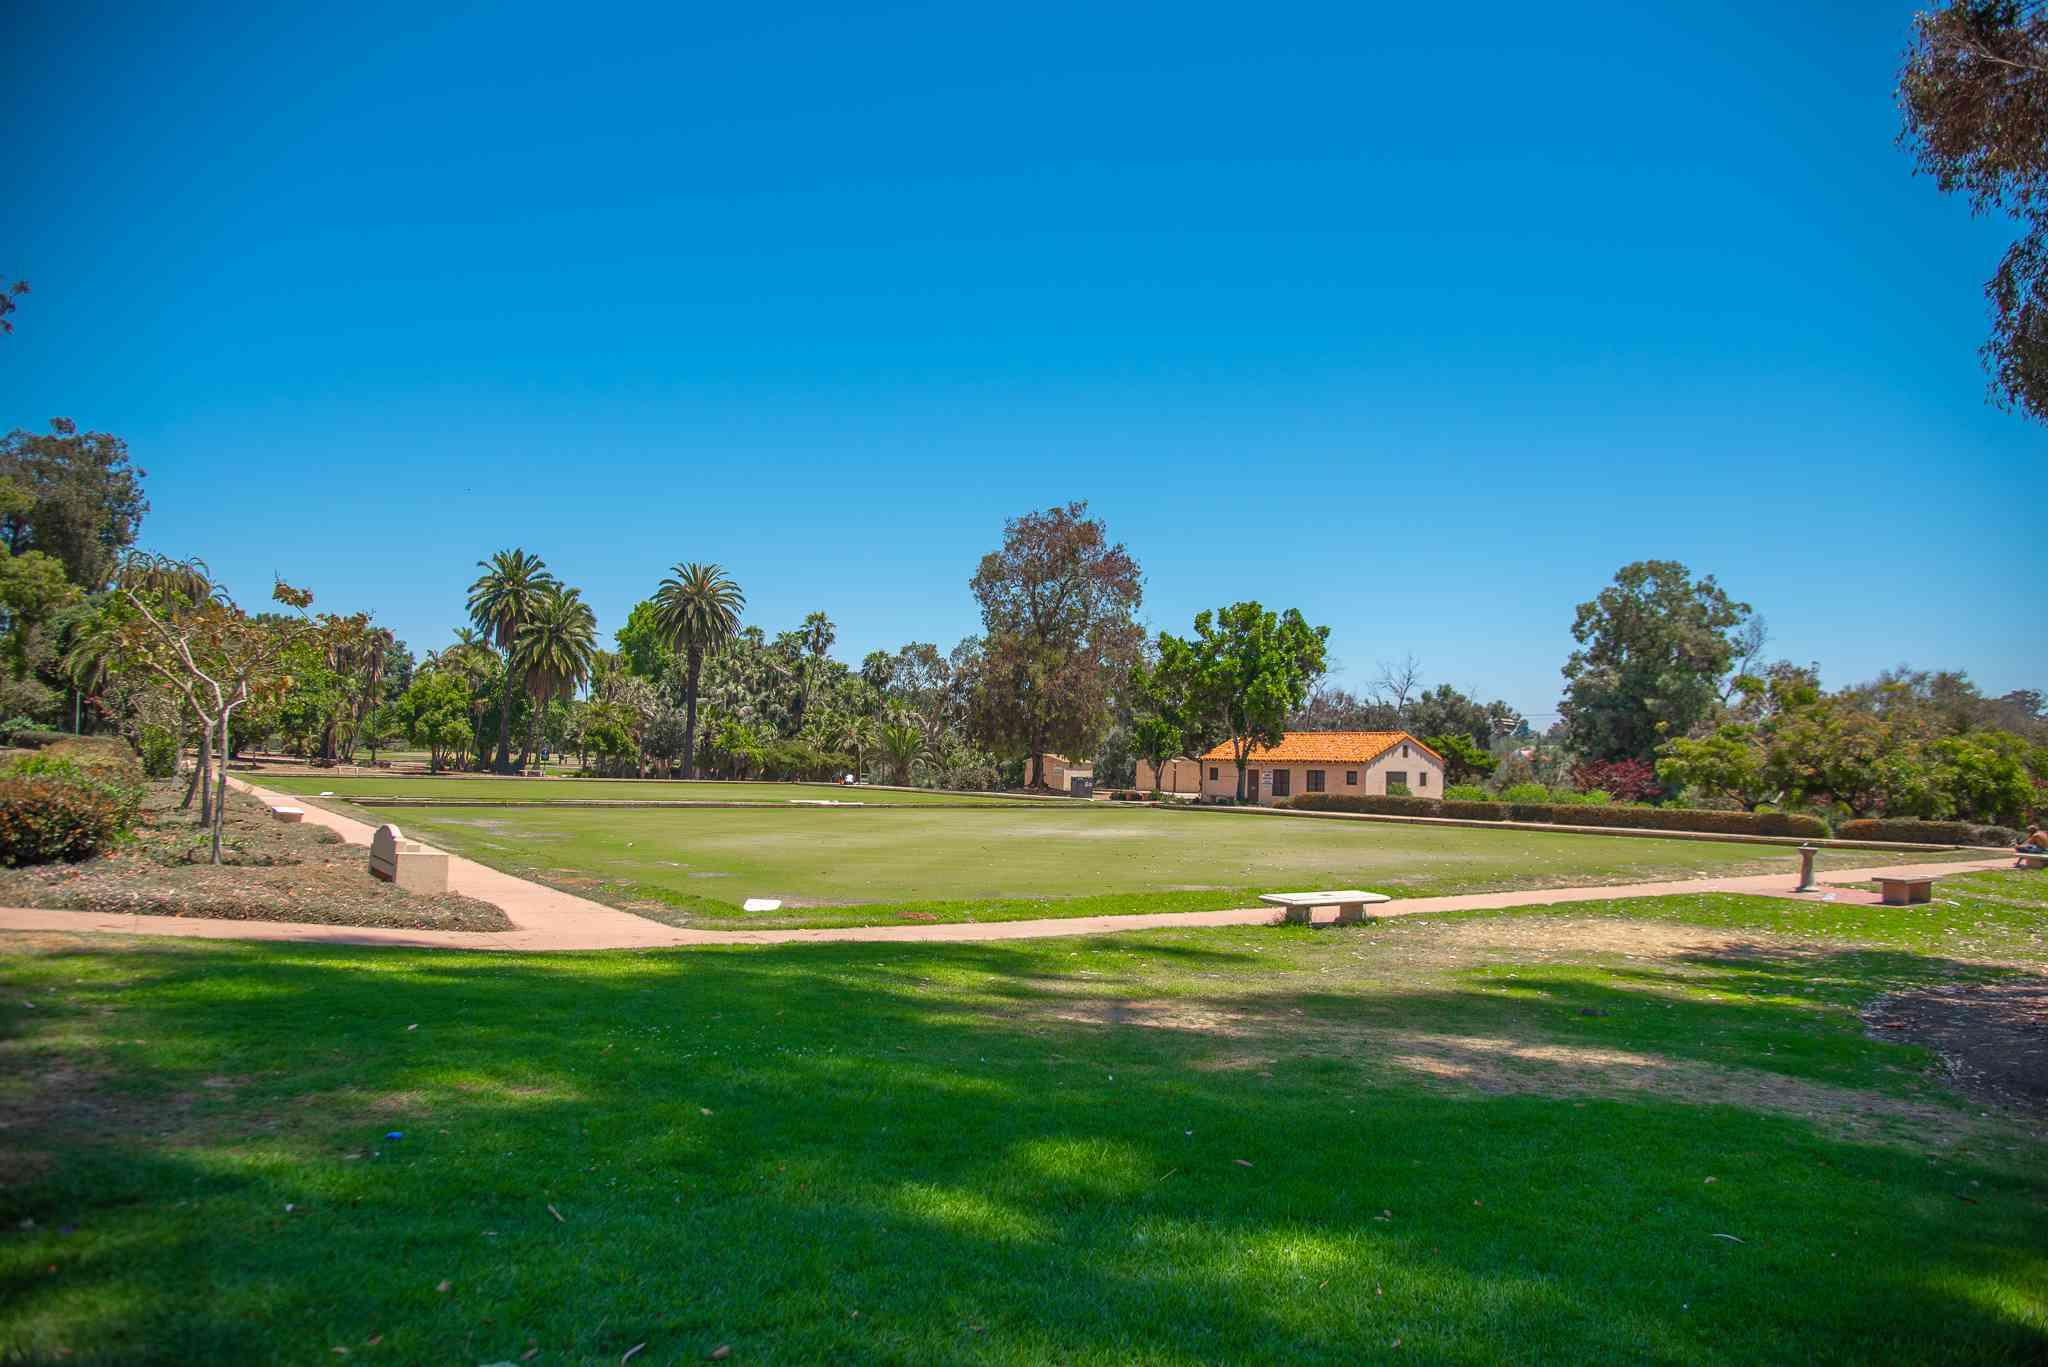 Bowling Lawn Greens at Balboa Park